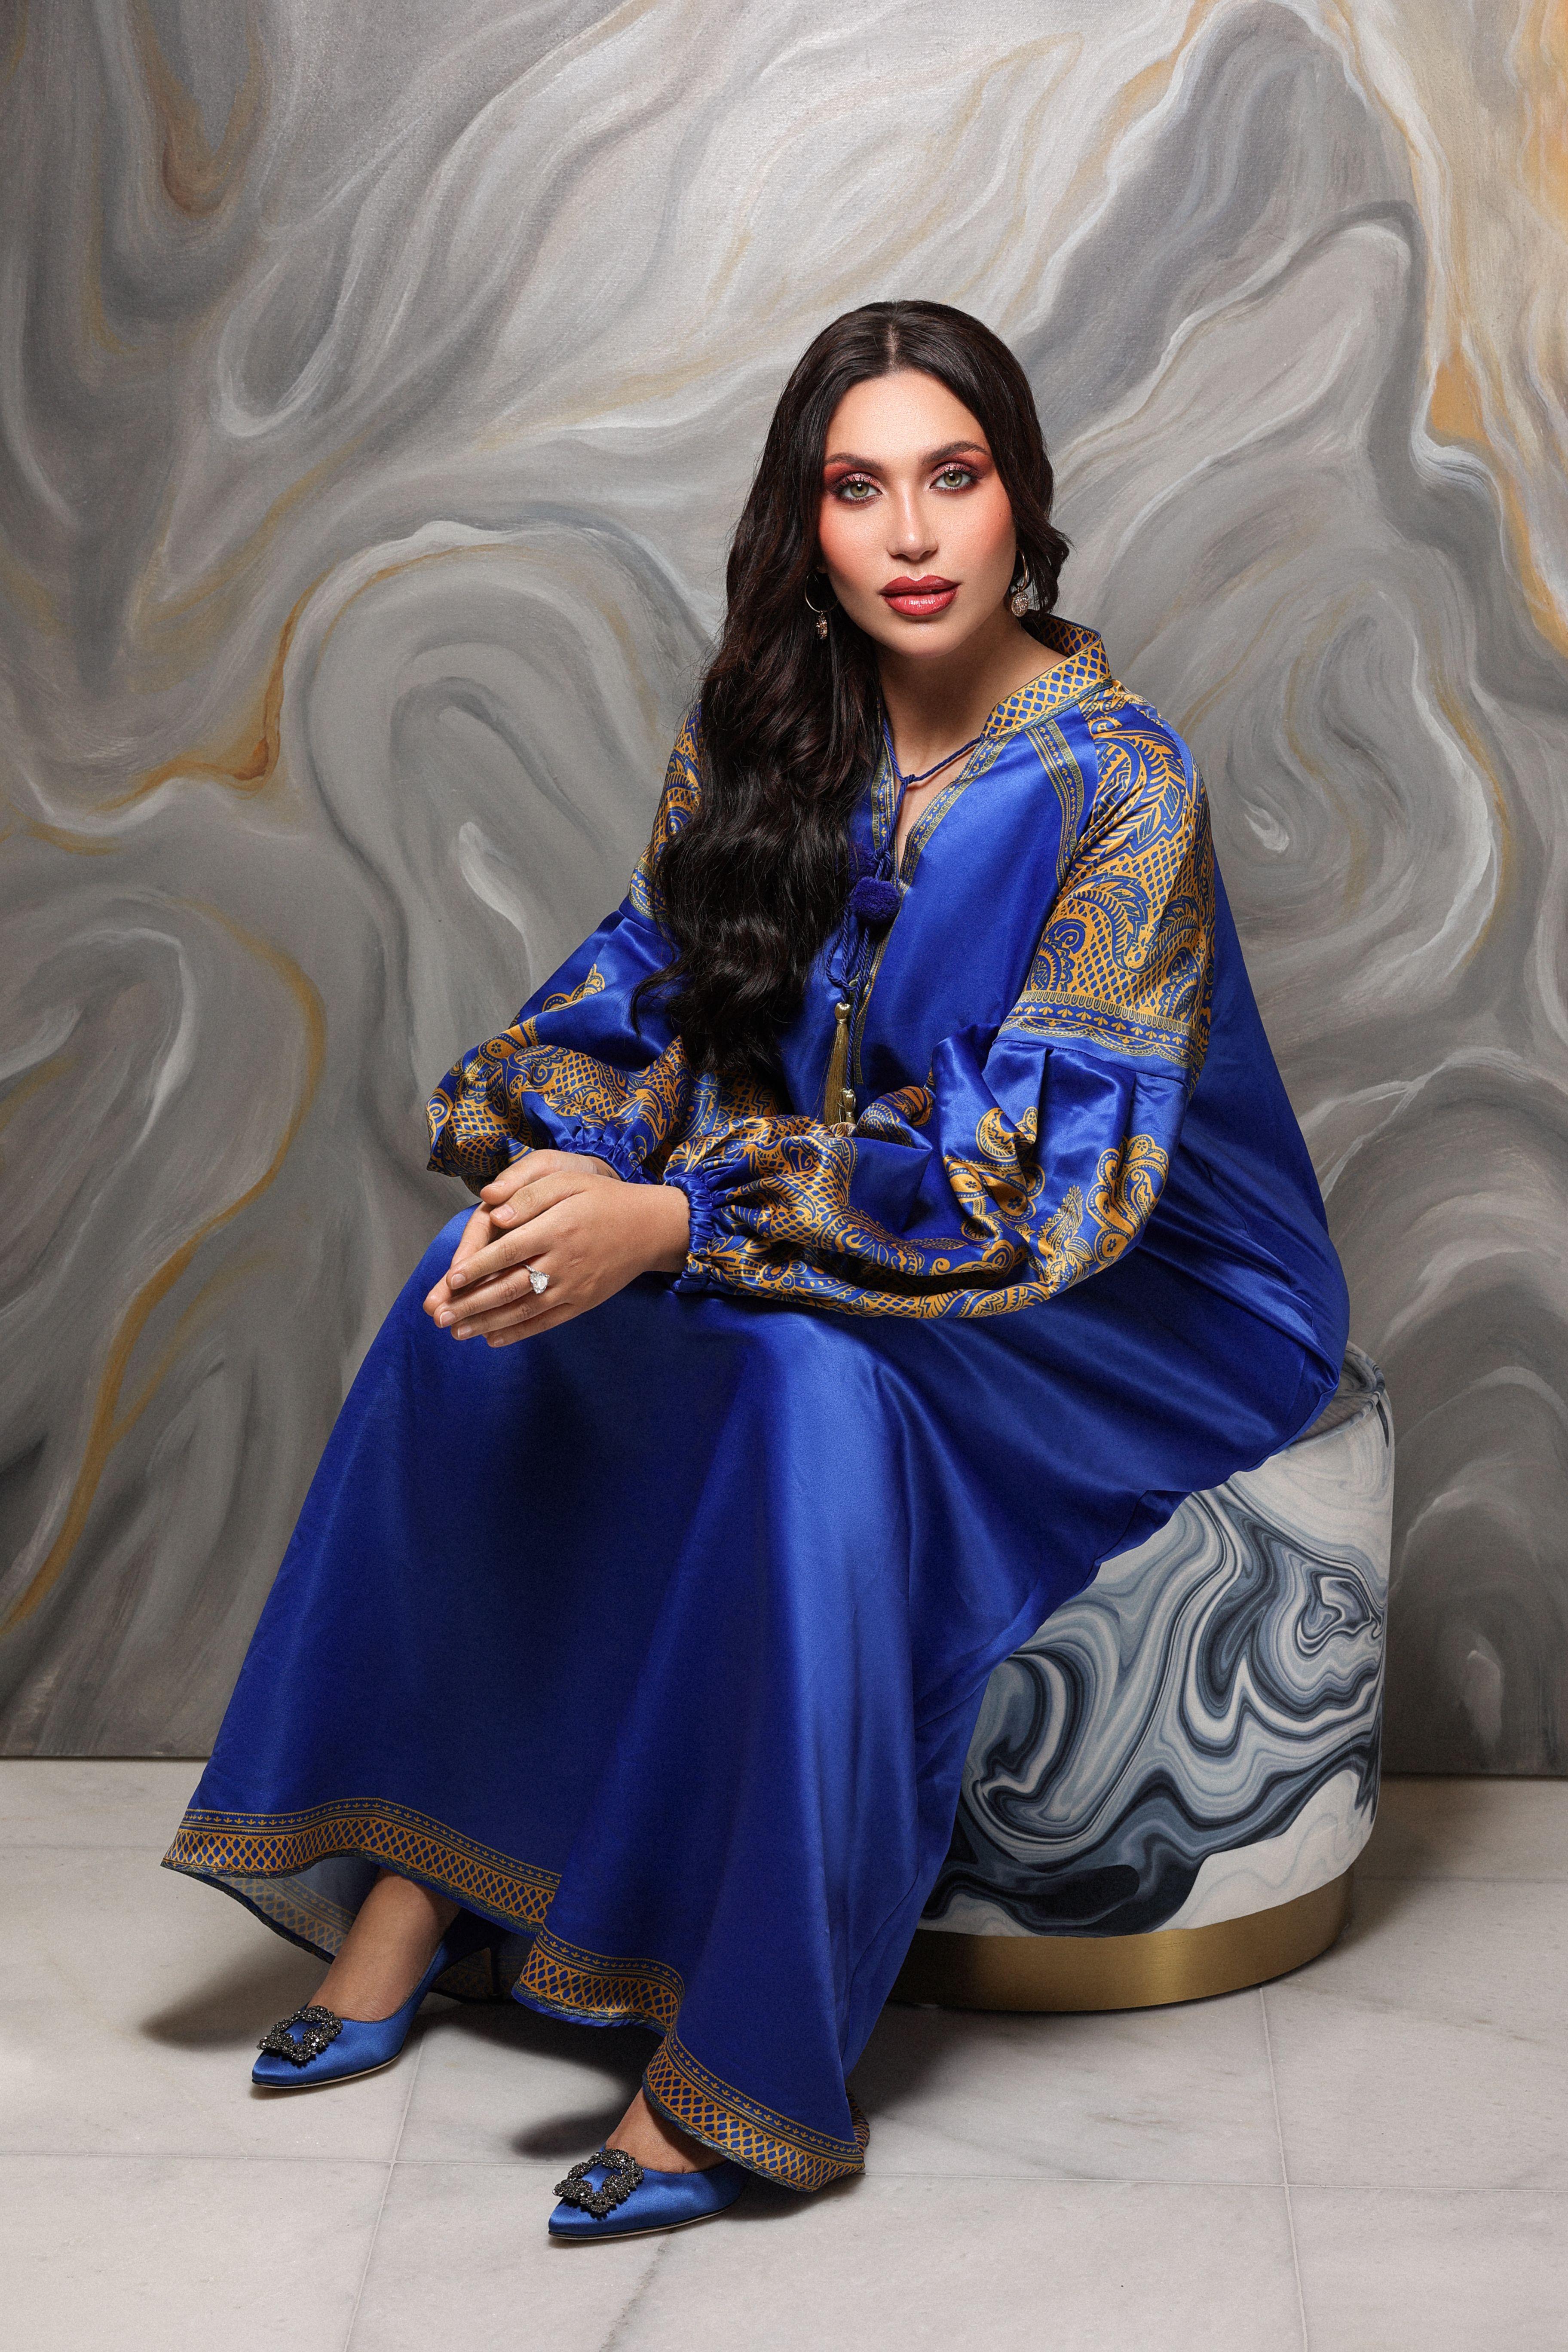 """من مجموعة أزياء """"شي إن"""" الخاصة بشهر رمضان في الشرق الأوسط بالتعاون مع الدكتورة خلود"""